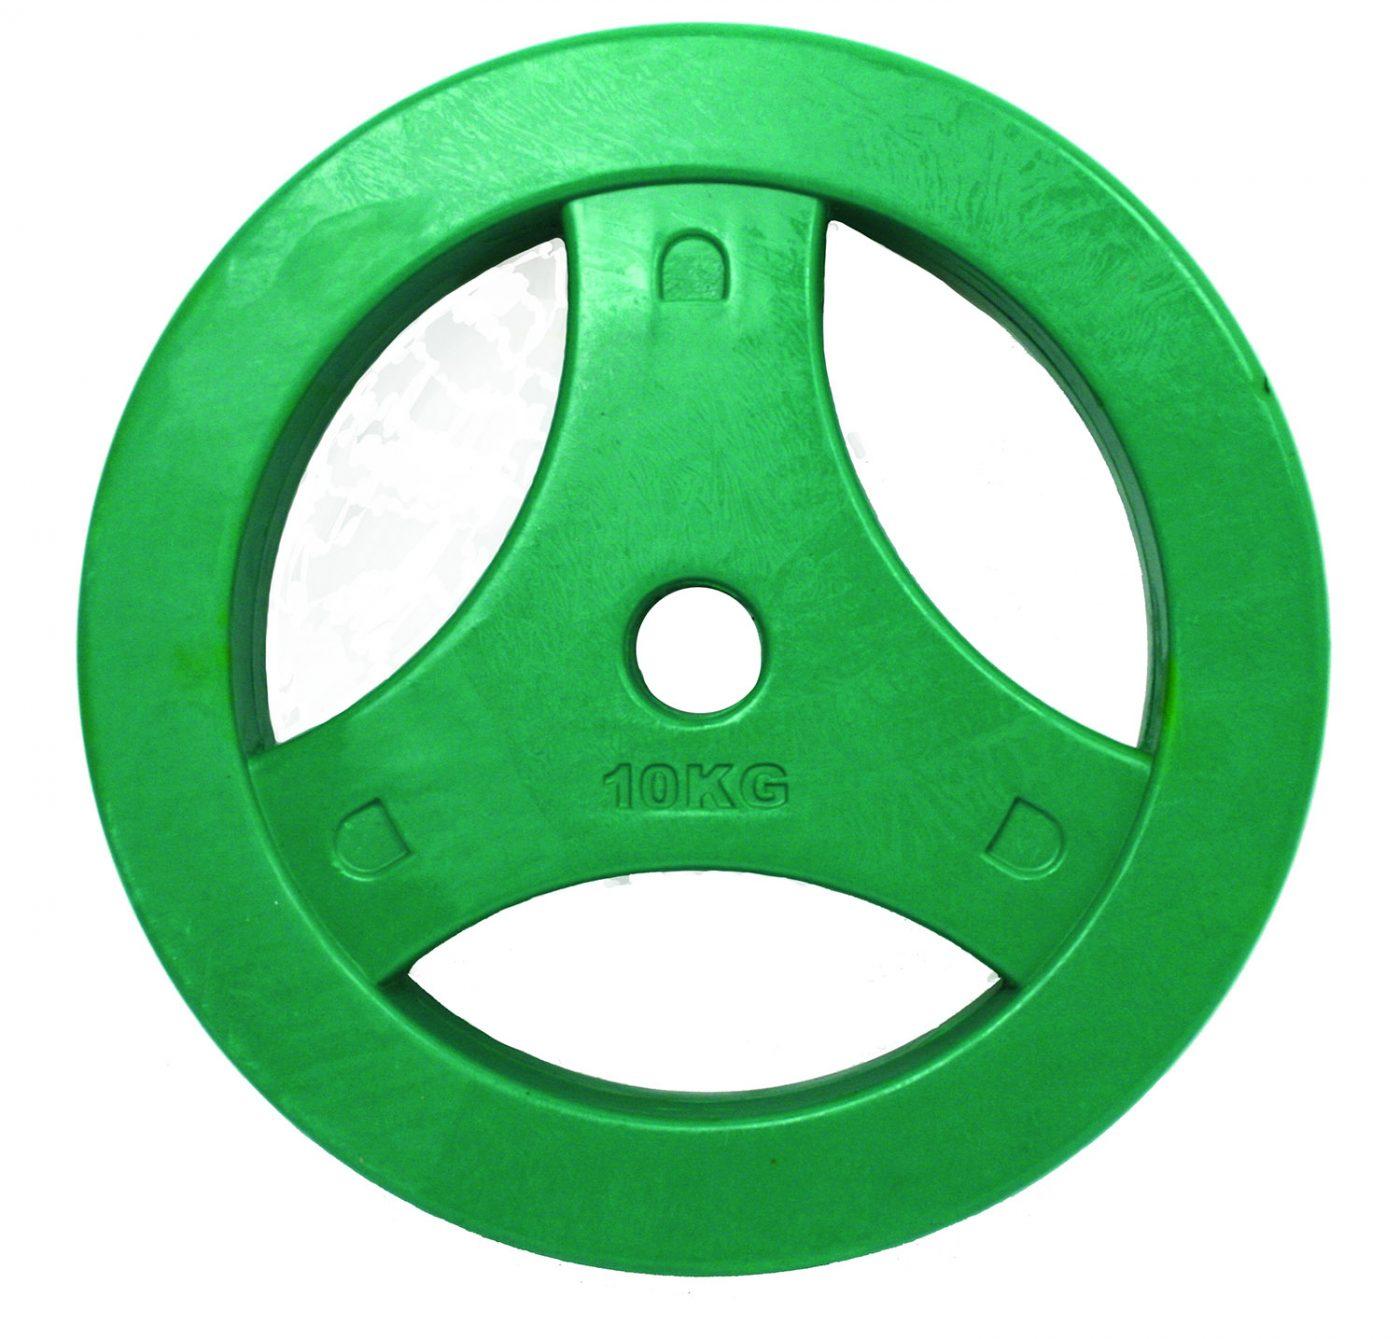 Tunturi Aerobic Halterschijf - Halter gewichten - 1x 10 kg - 30mm - Groen